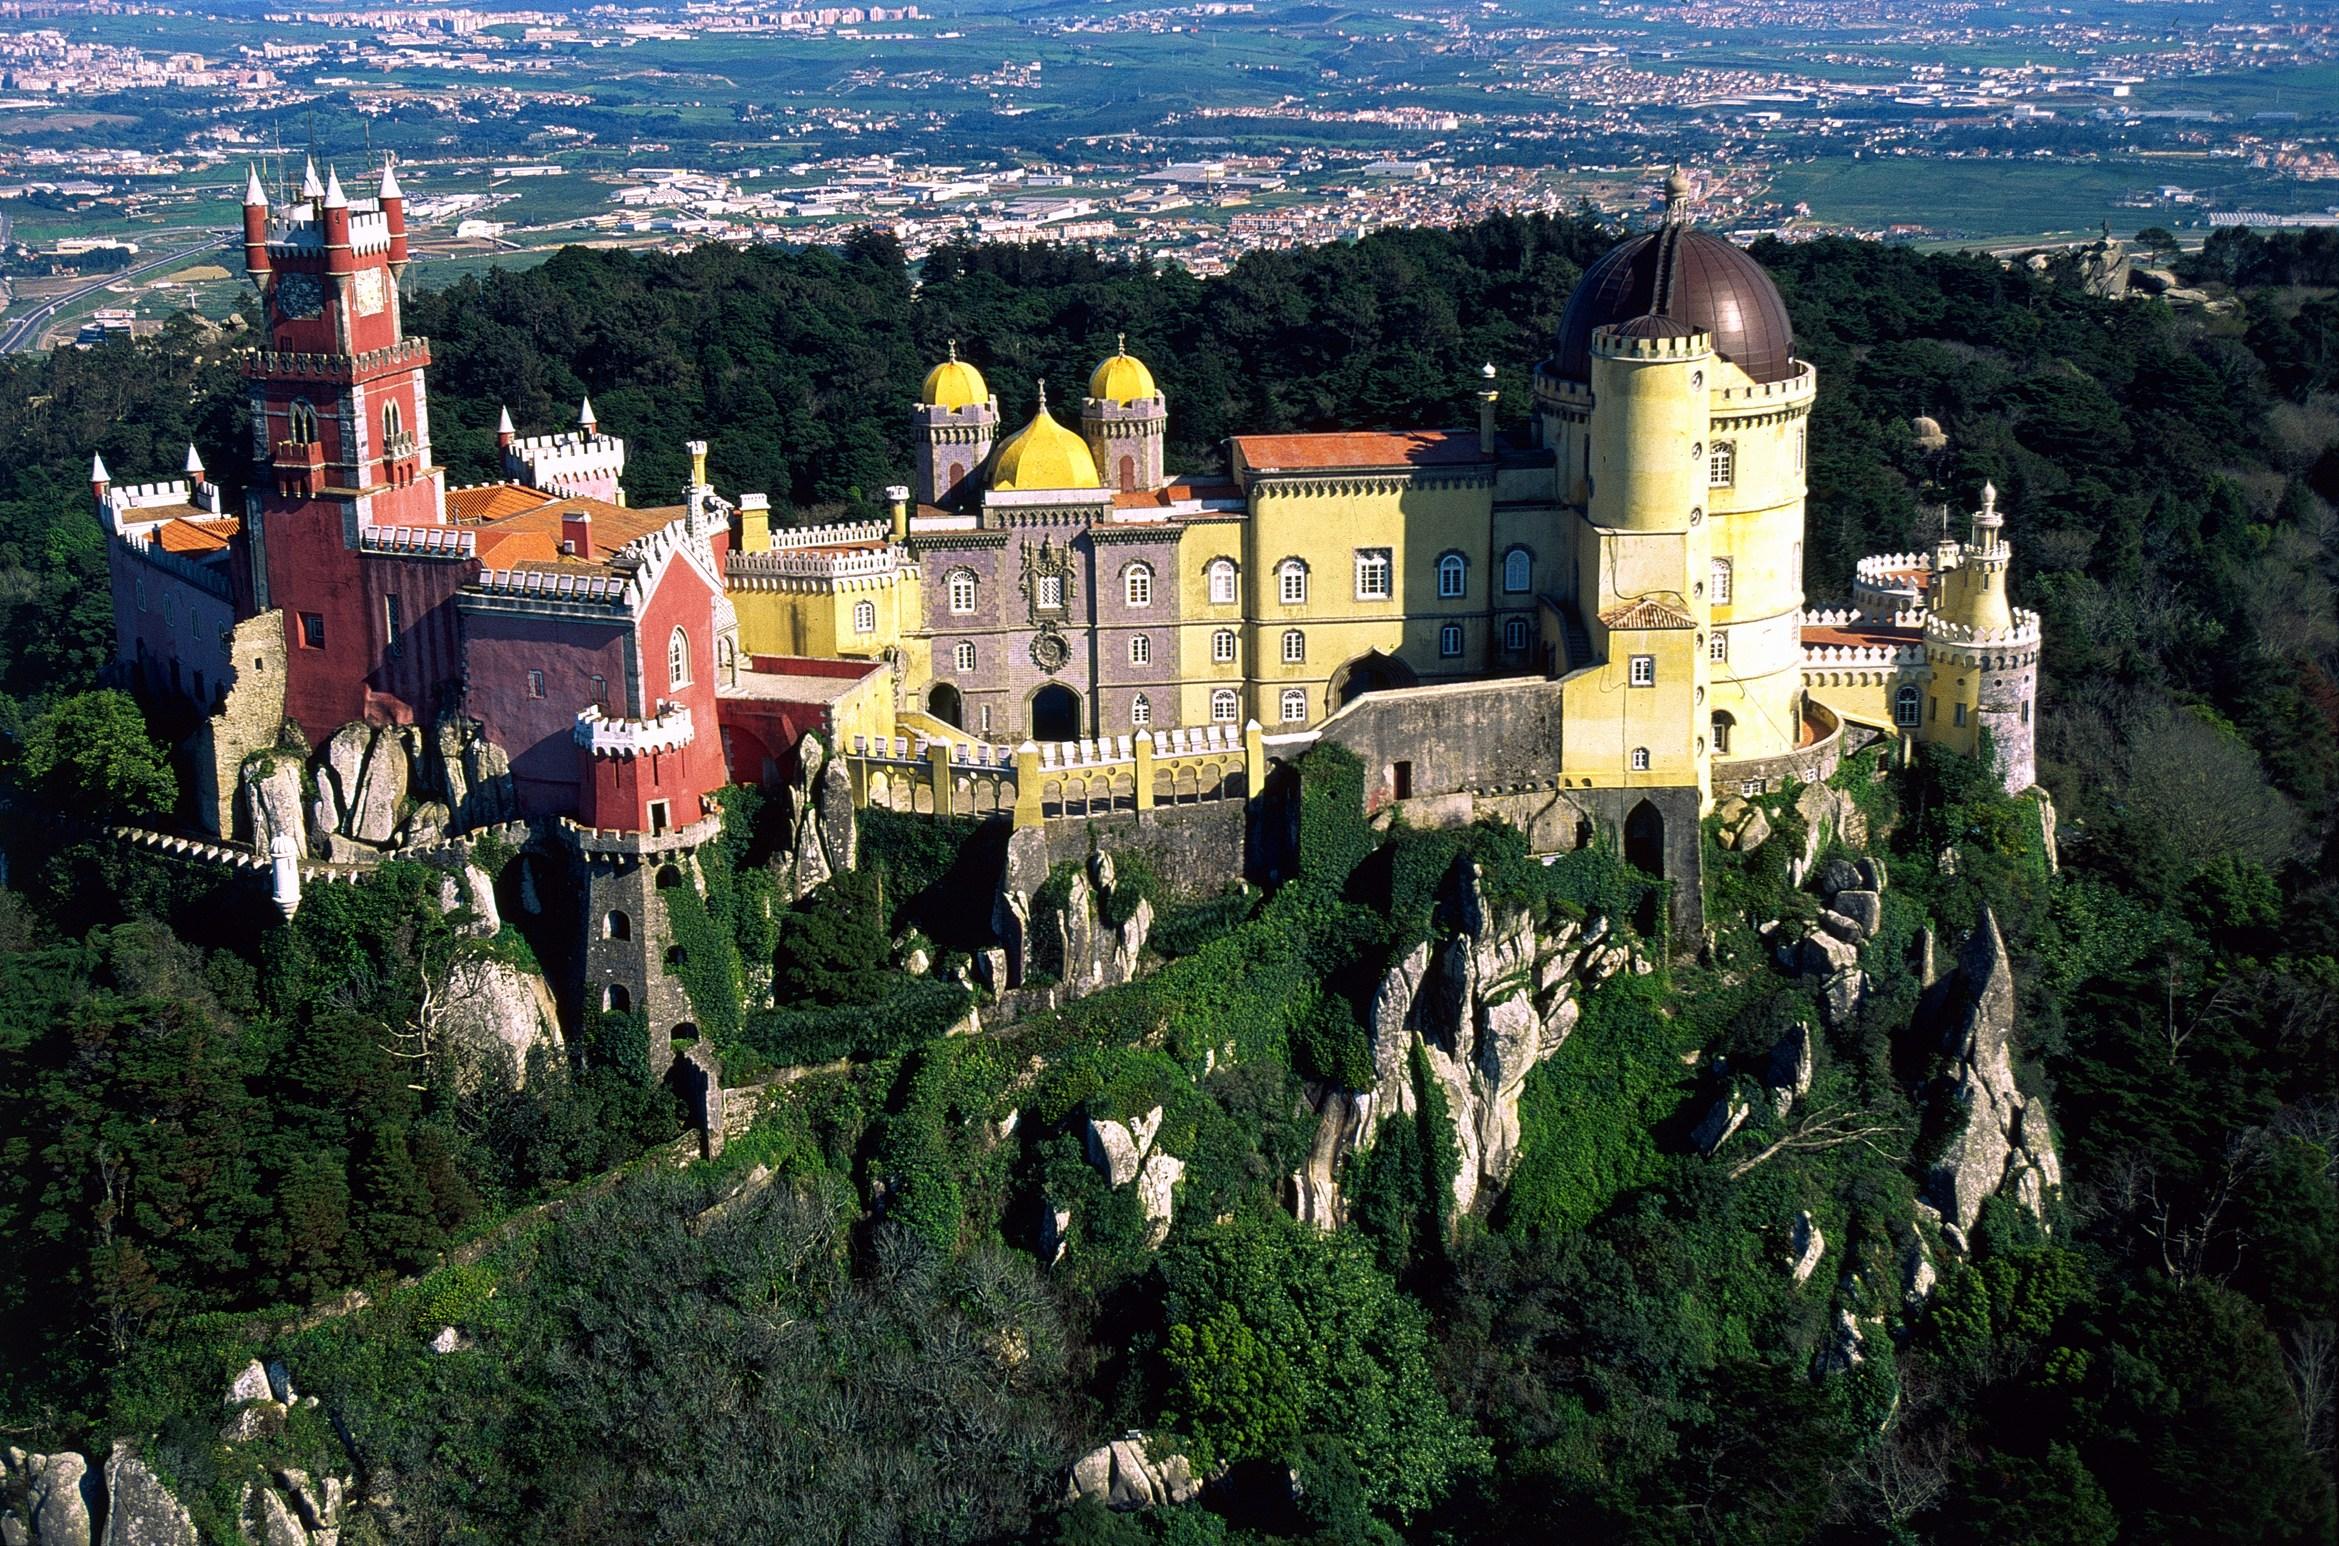 أفضل المعالم السياحية للزيارة في لشبونة مع العائلة